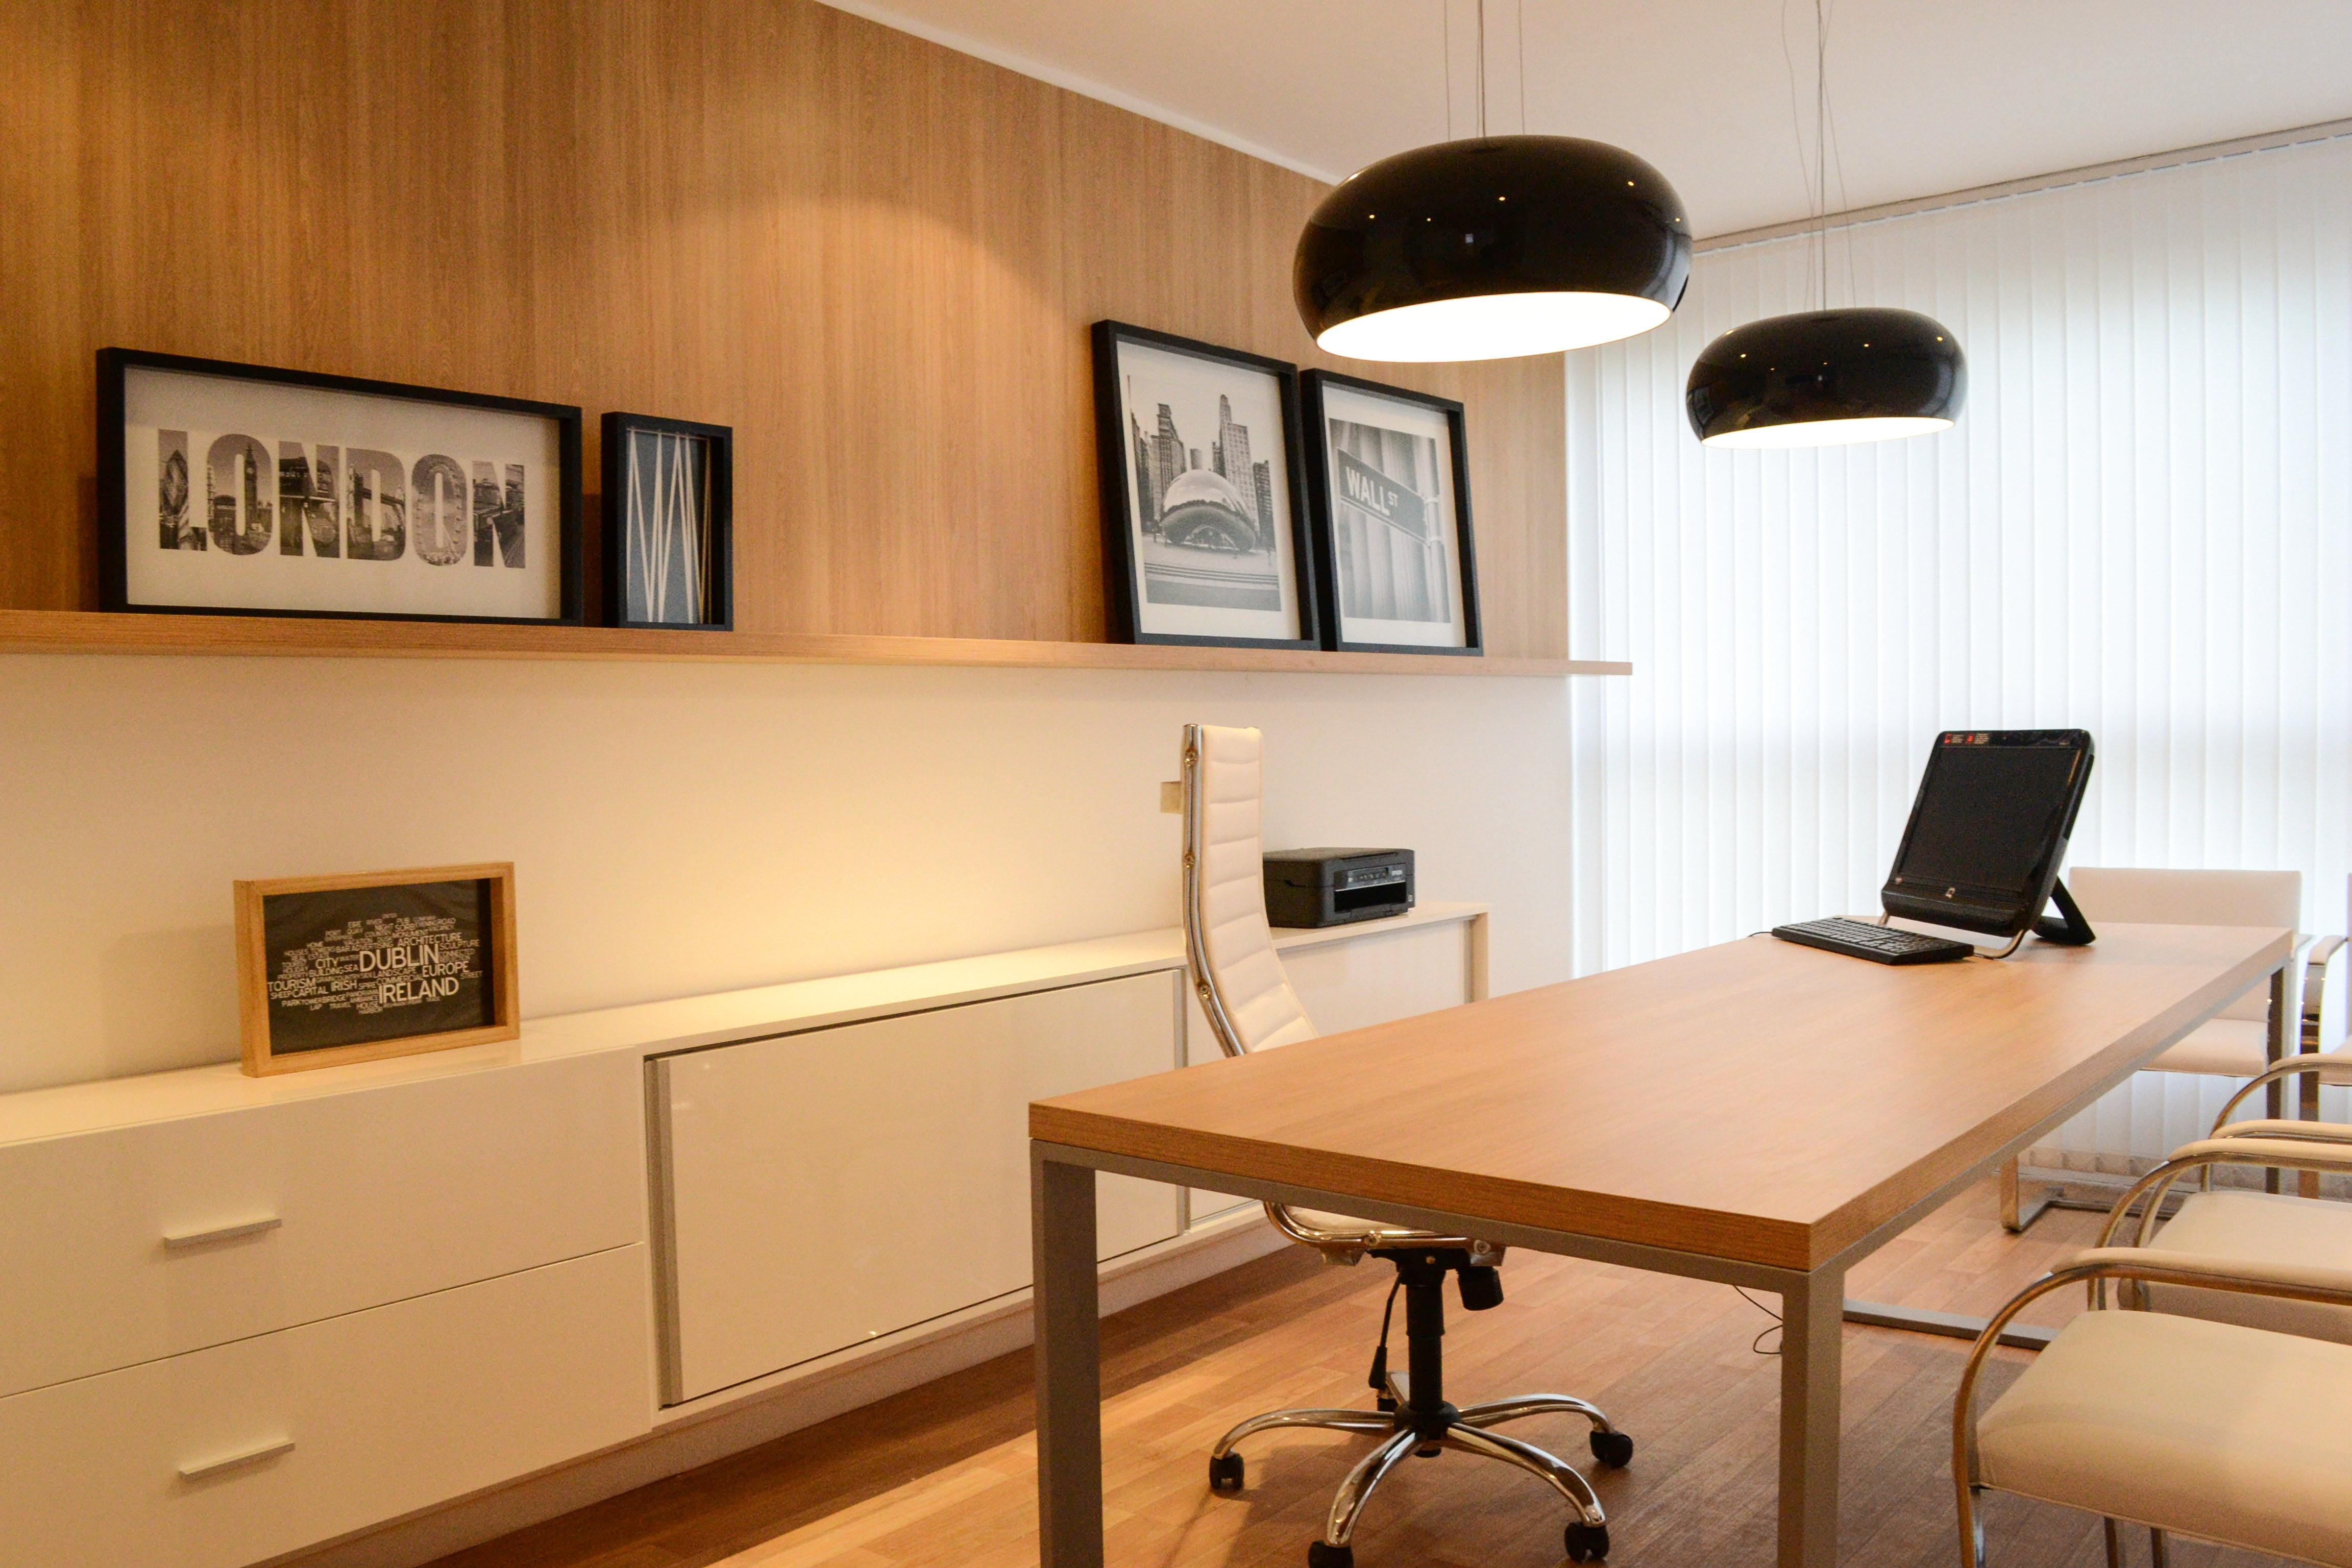 Fotos gratis casa oficina propiedad mueble - Diseno de interiores gratis ...